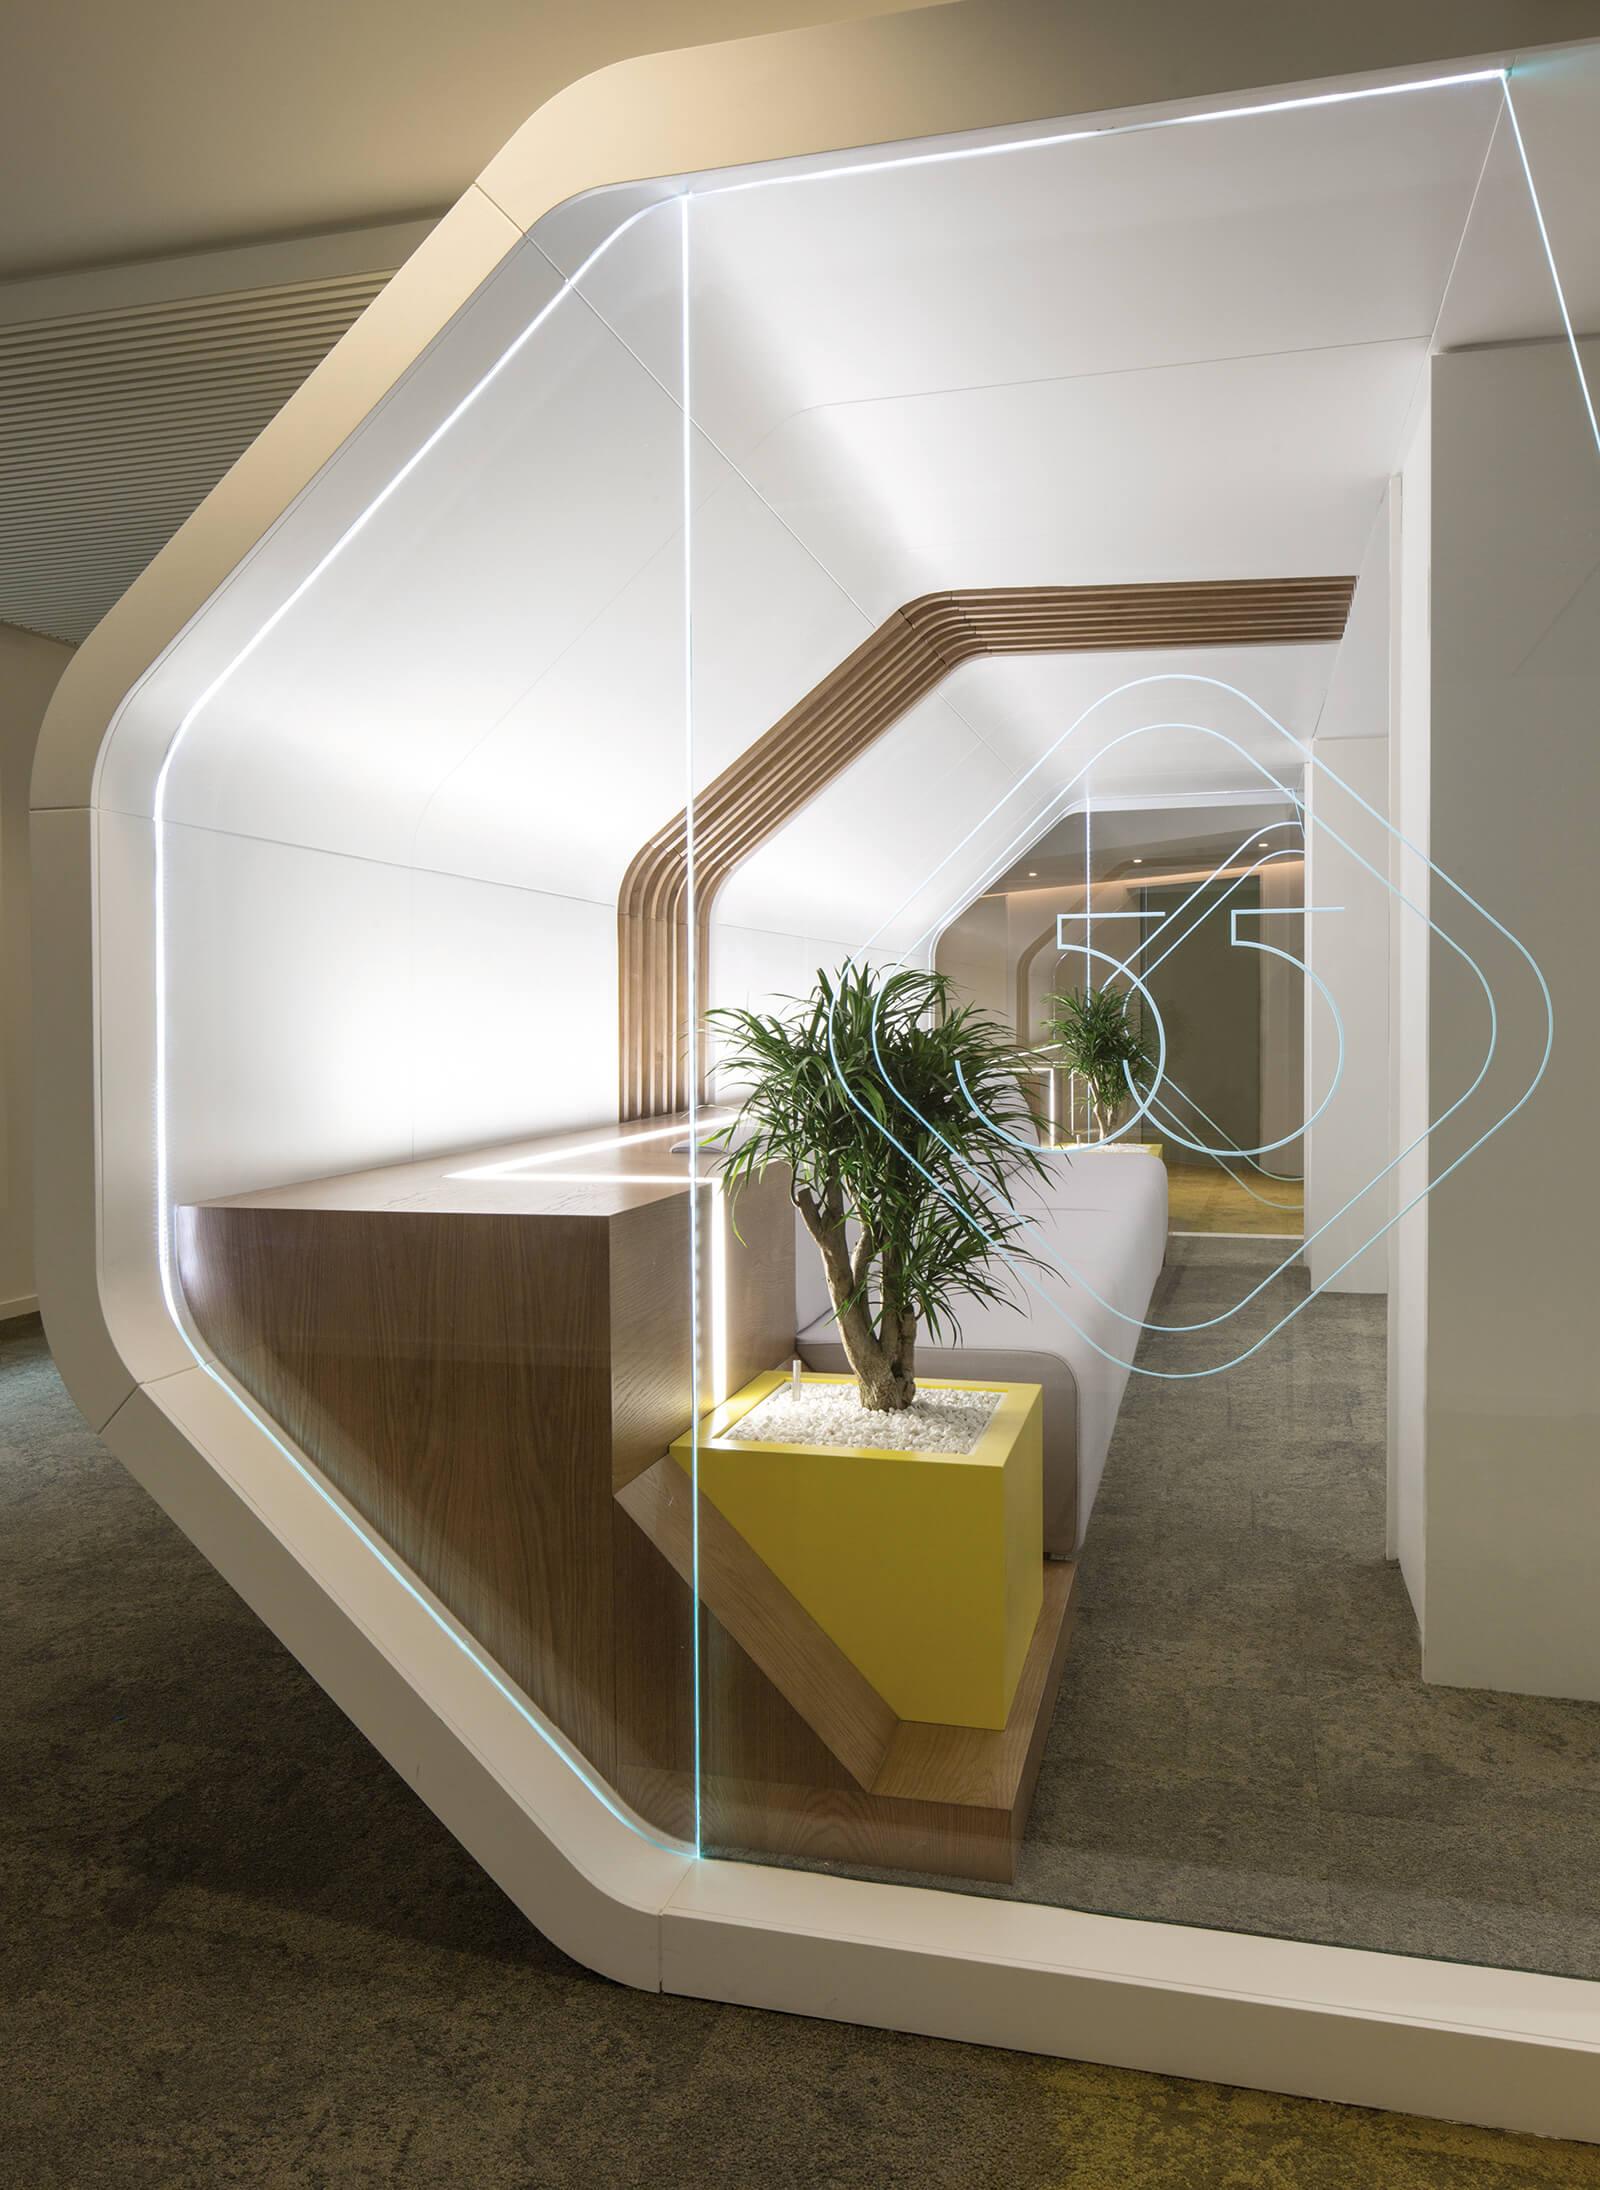 espaço imobiliario decorado em madeira